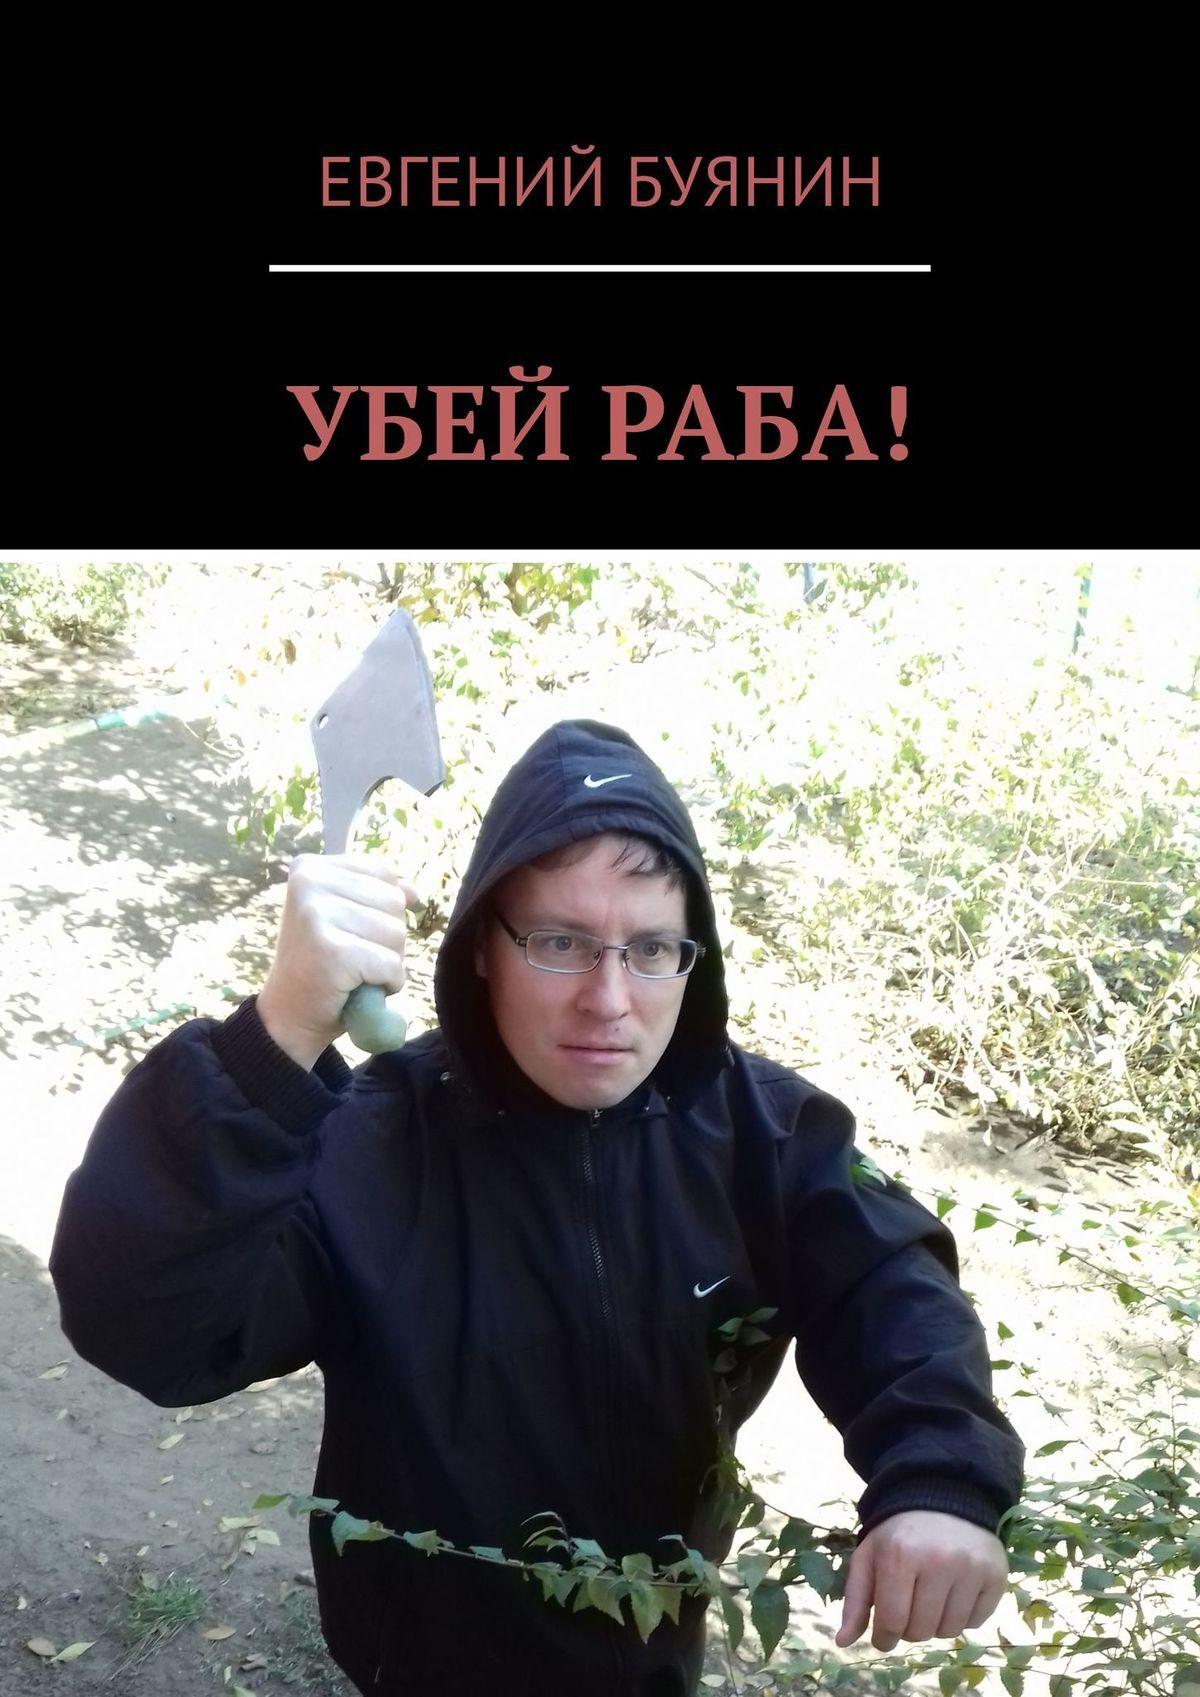 ЕВГЕНИЙ БУЯНИН УБЕЙ РАБА! раба любви